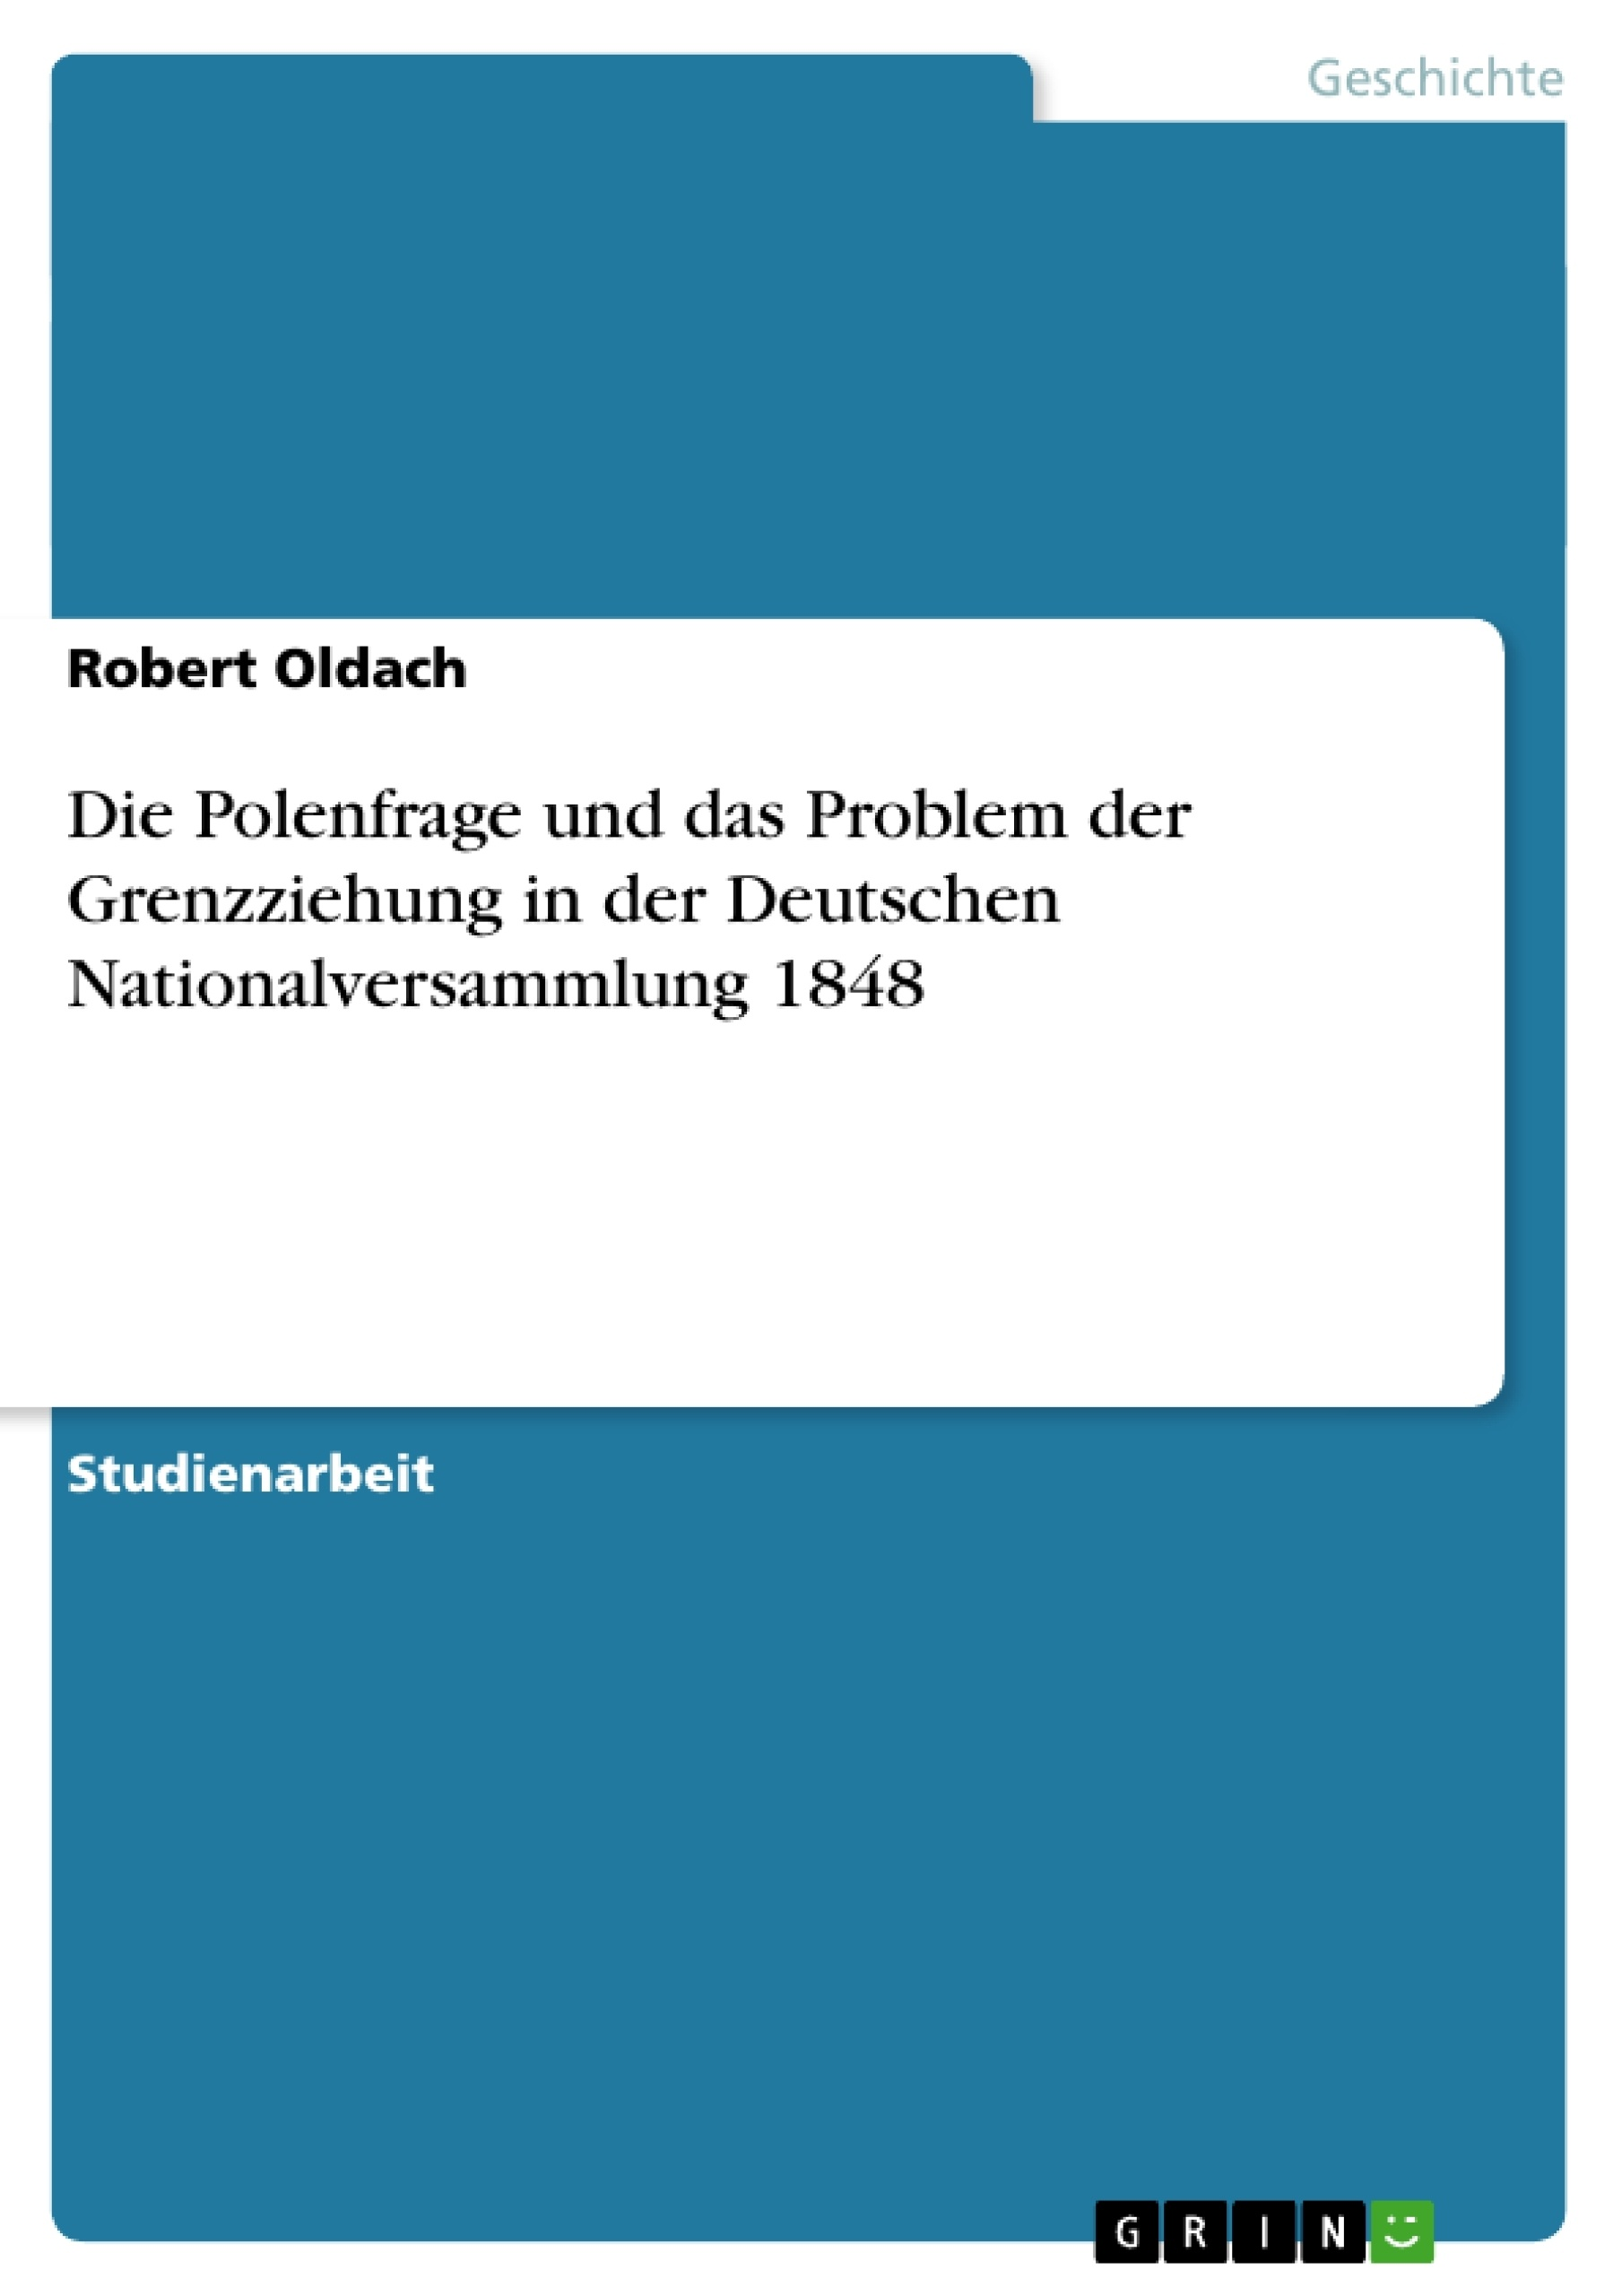 Titel: Die Polenfrage und das Problem der Grenzziehung in der Deutschen Nationalversammlung 1848